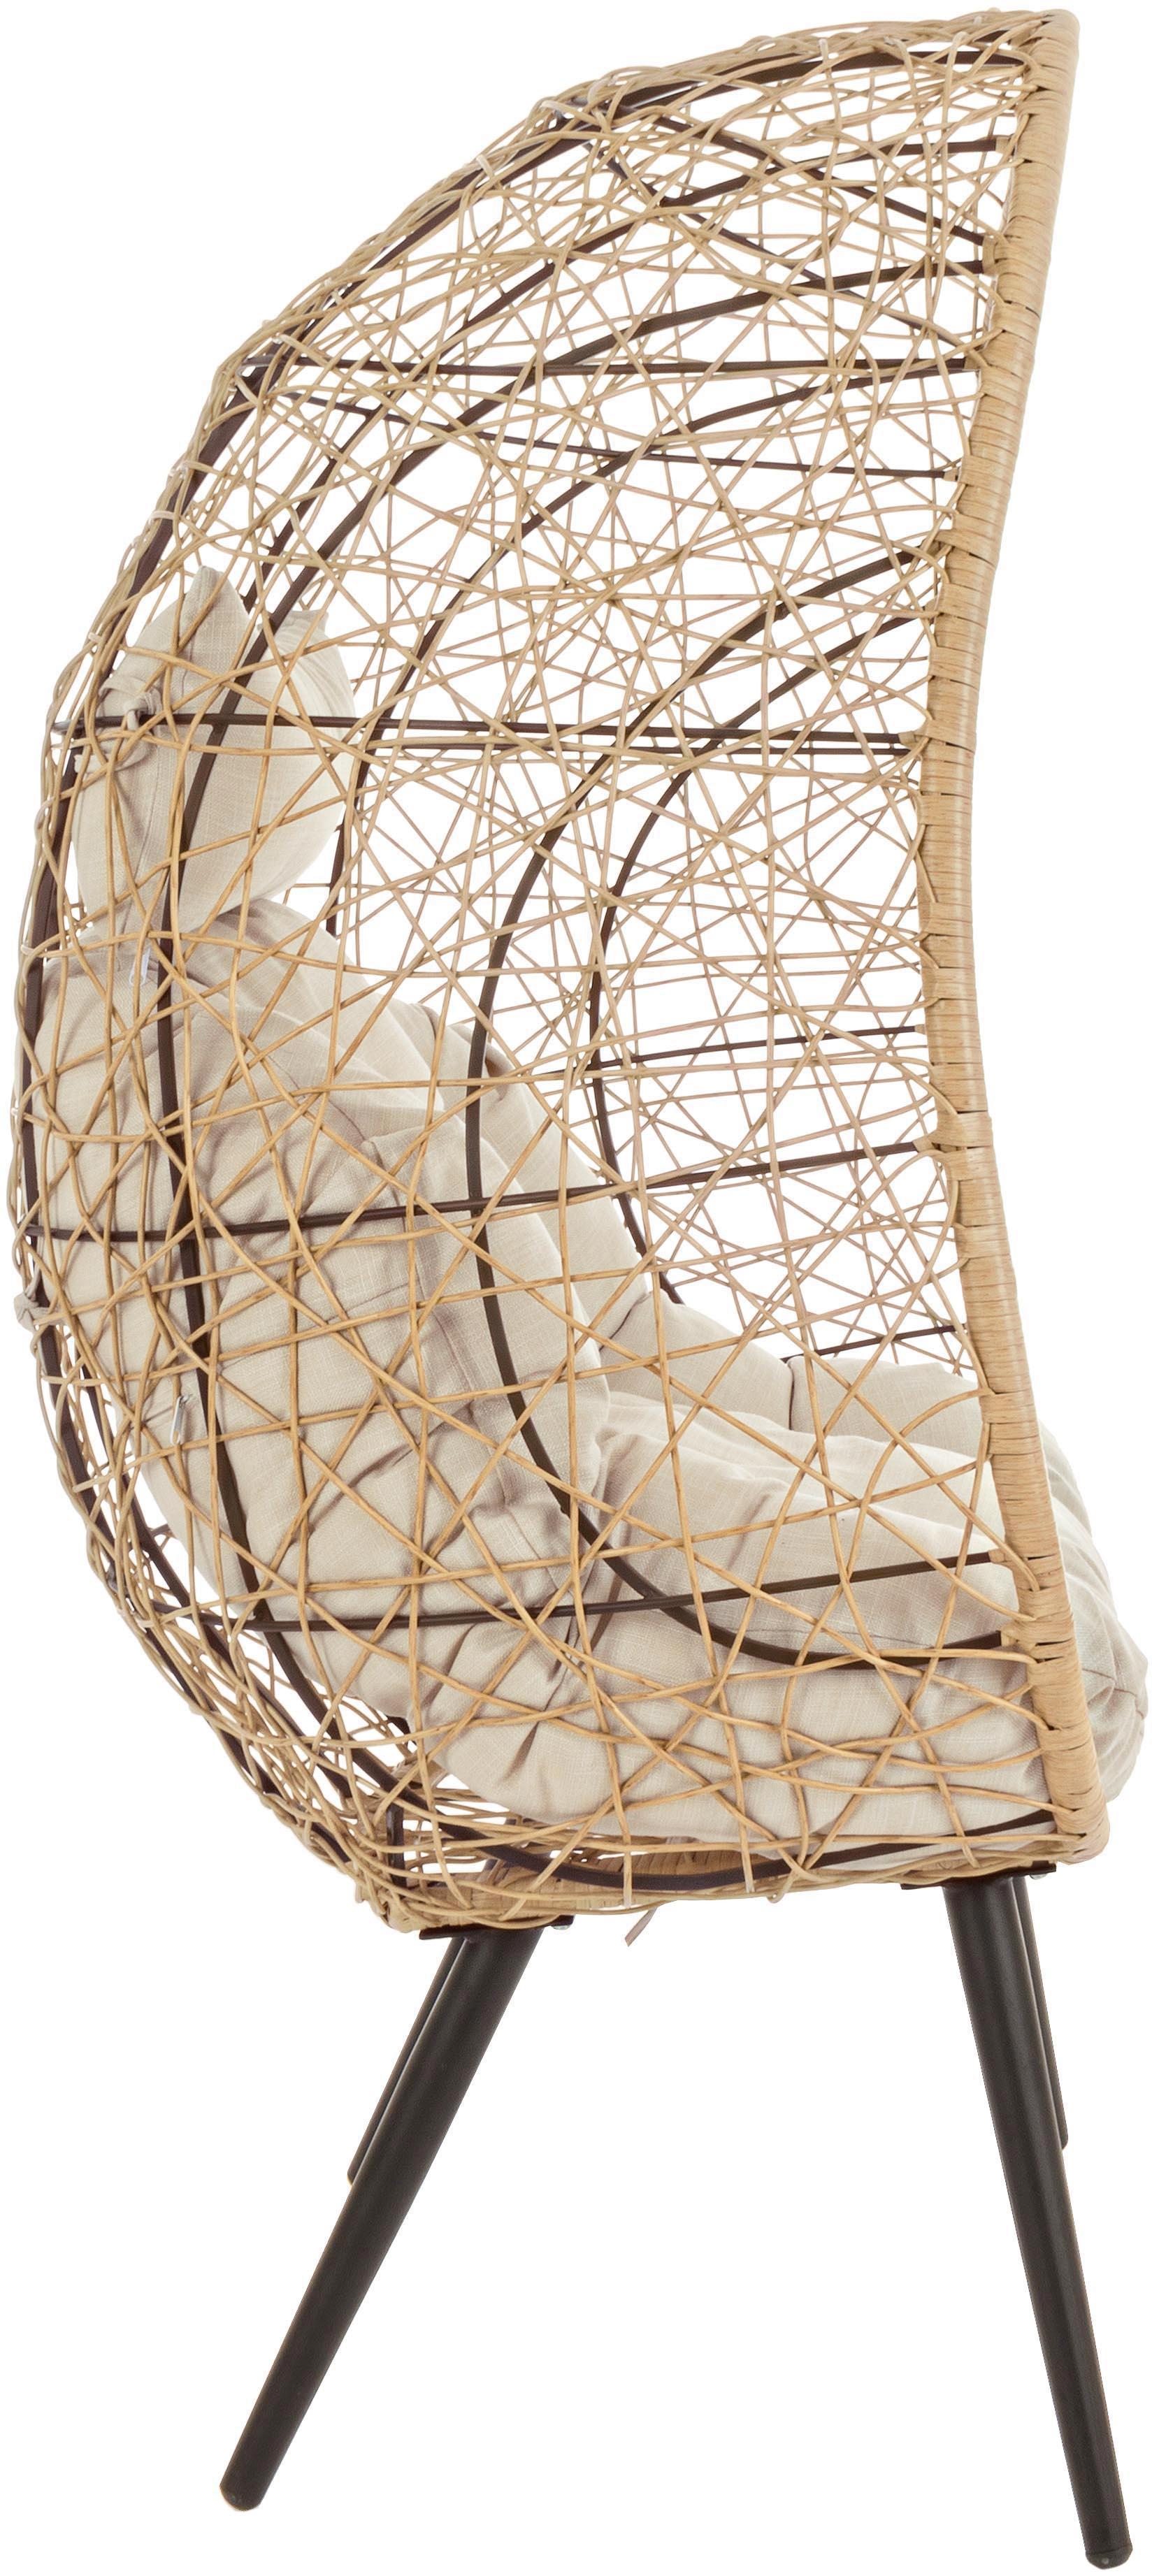 Garten-Loungesessel Marley aus Kunststoff-Geflecht, Gestell: Aluminium, pulverbeschich, Sitzfläche: Synthetikfasern, Bezug: Polyester, Beige, Creme, Schwarz, B 87 x T 70 cm